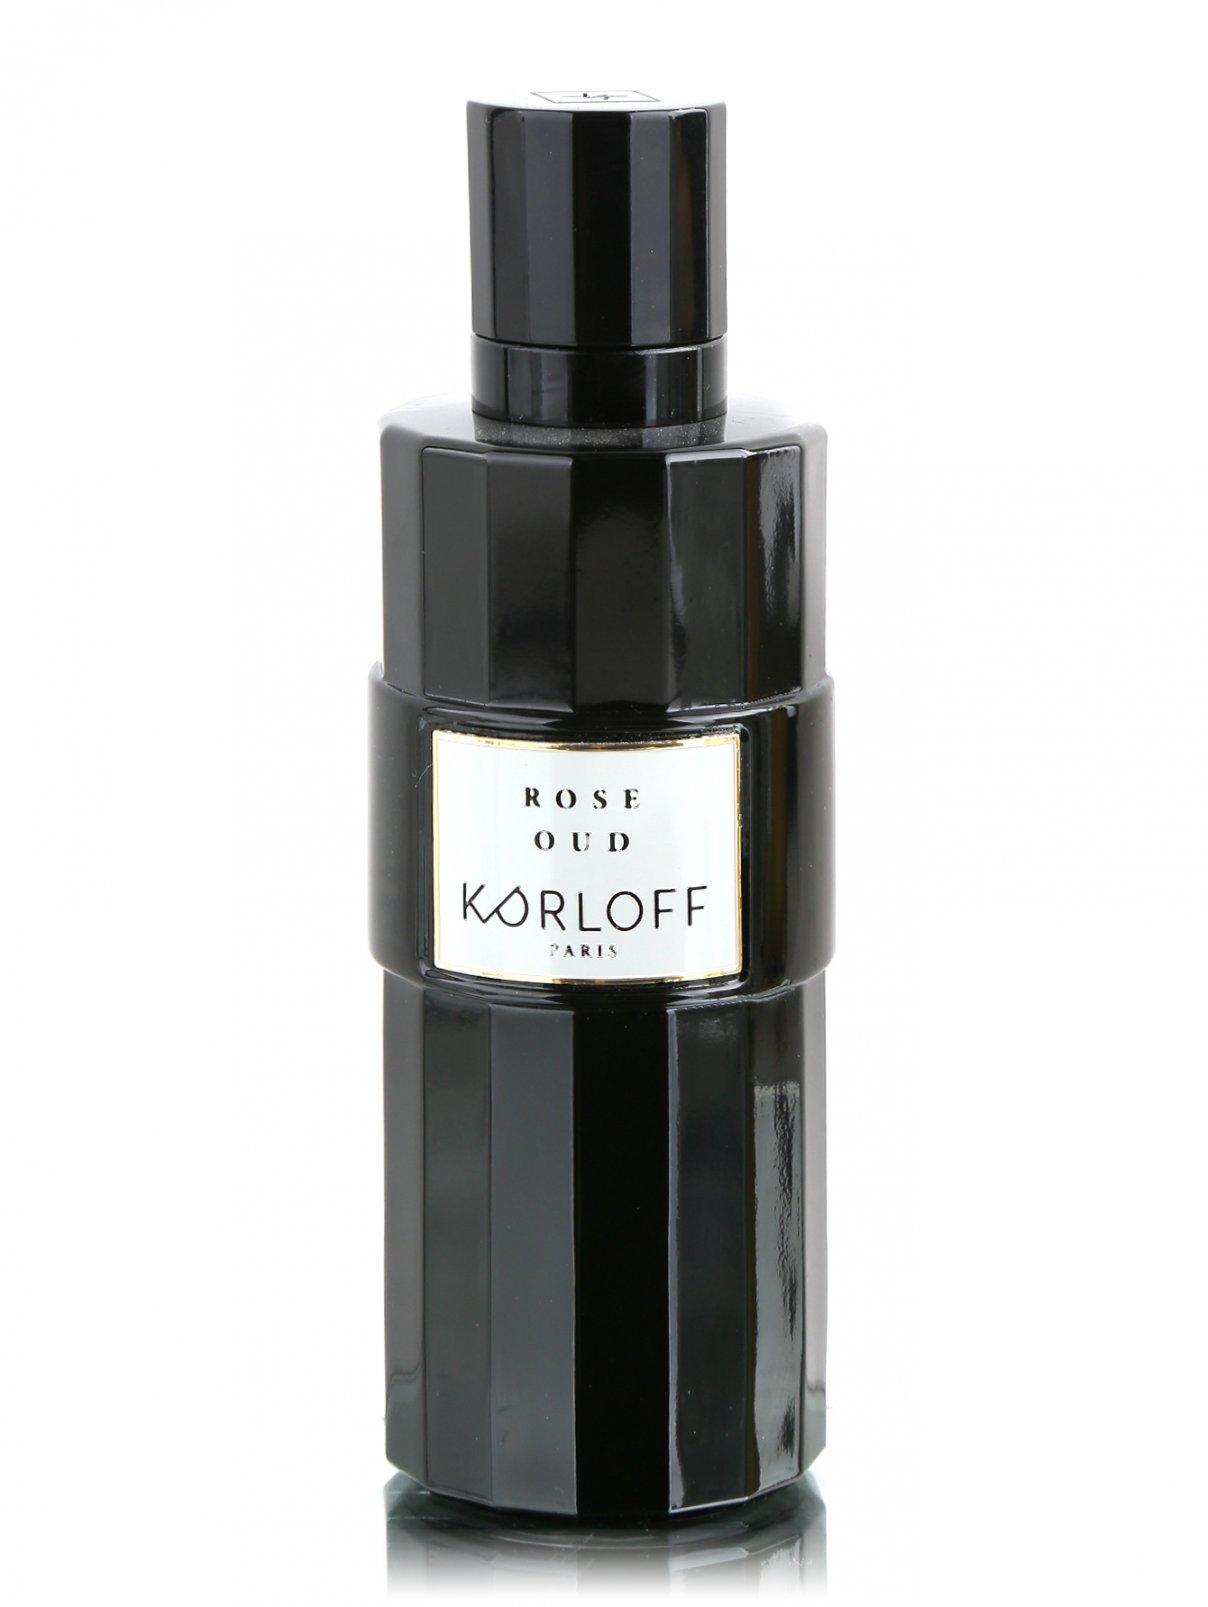 Парфюмерная вода 100 мл Rose Oud Korloff  –  Общий вид